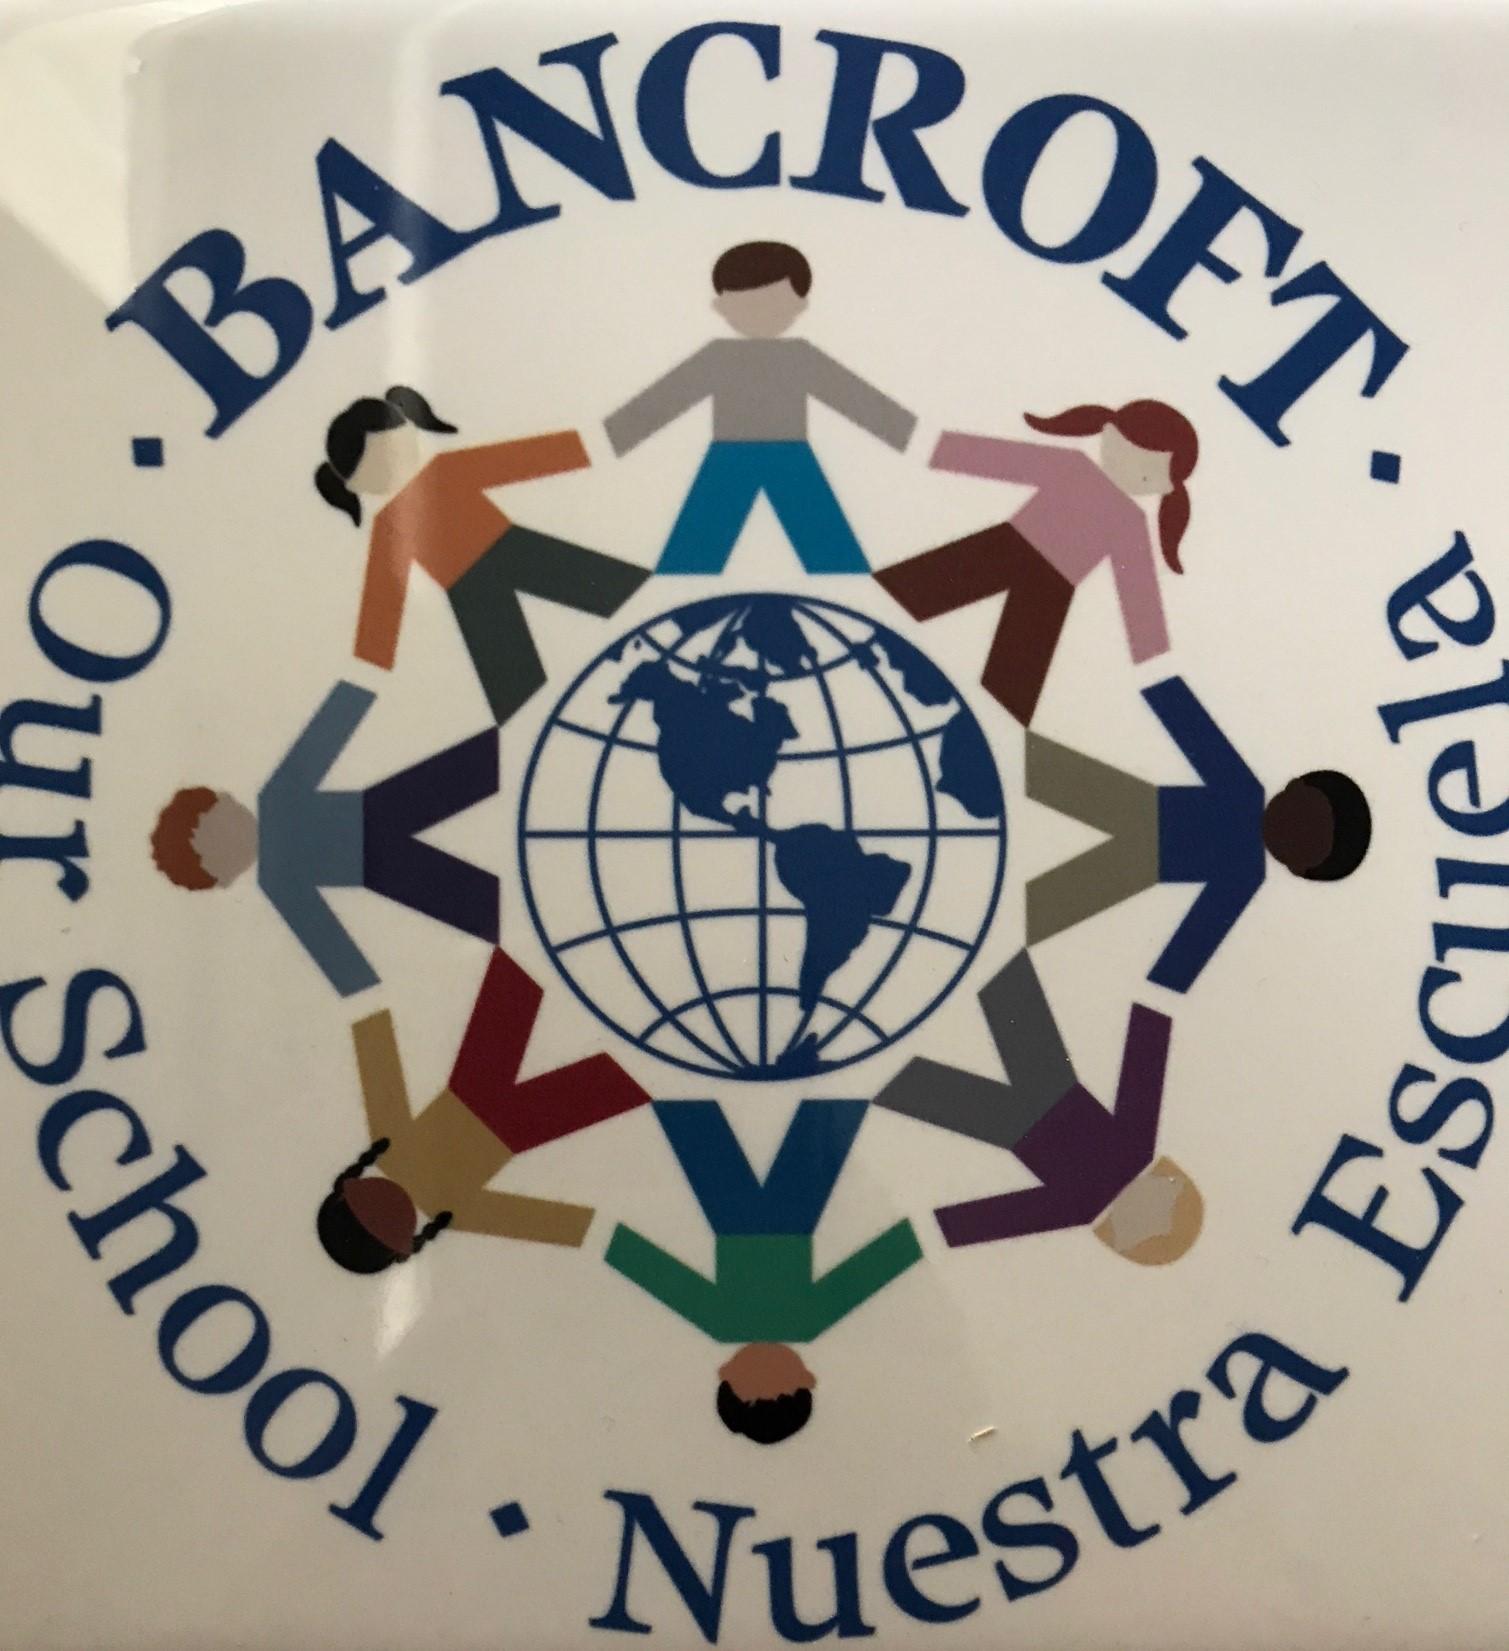 Bancroft.jpeg